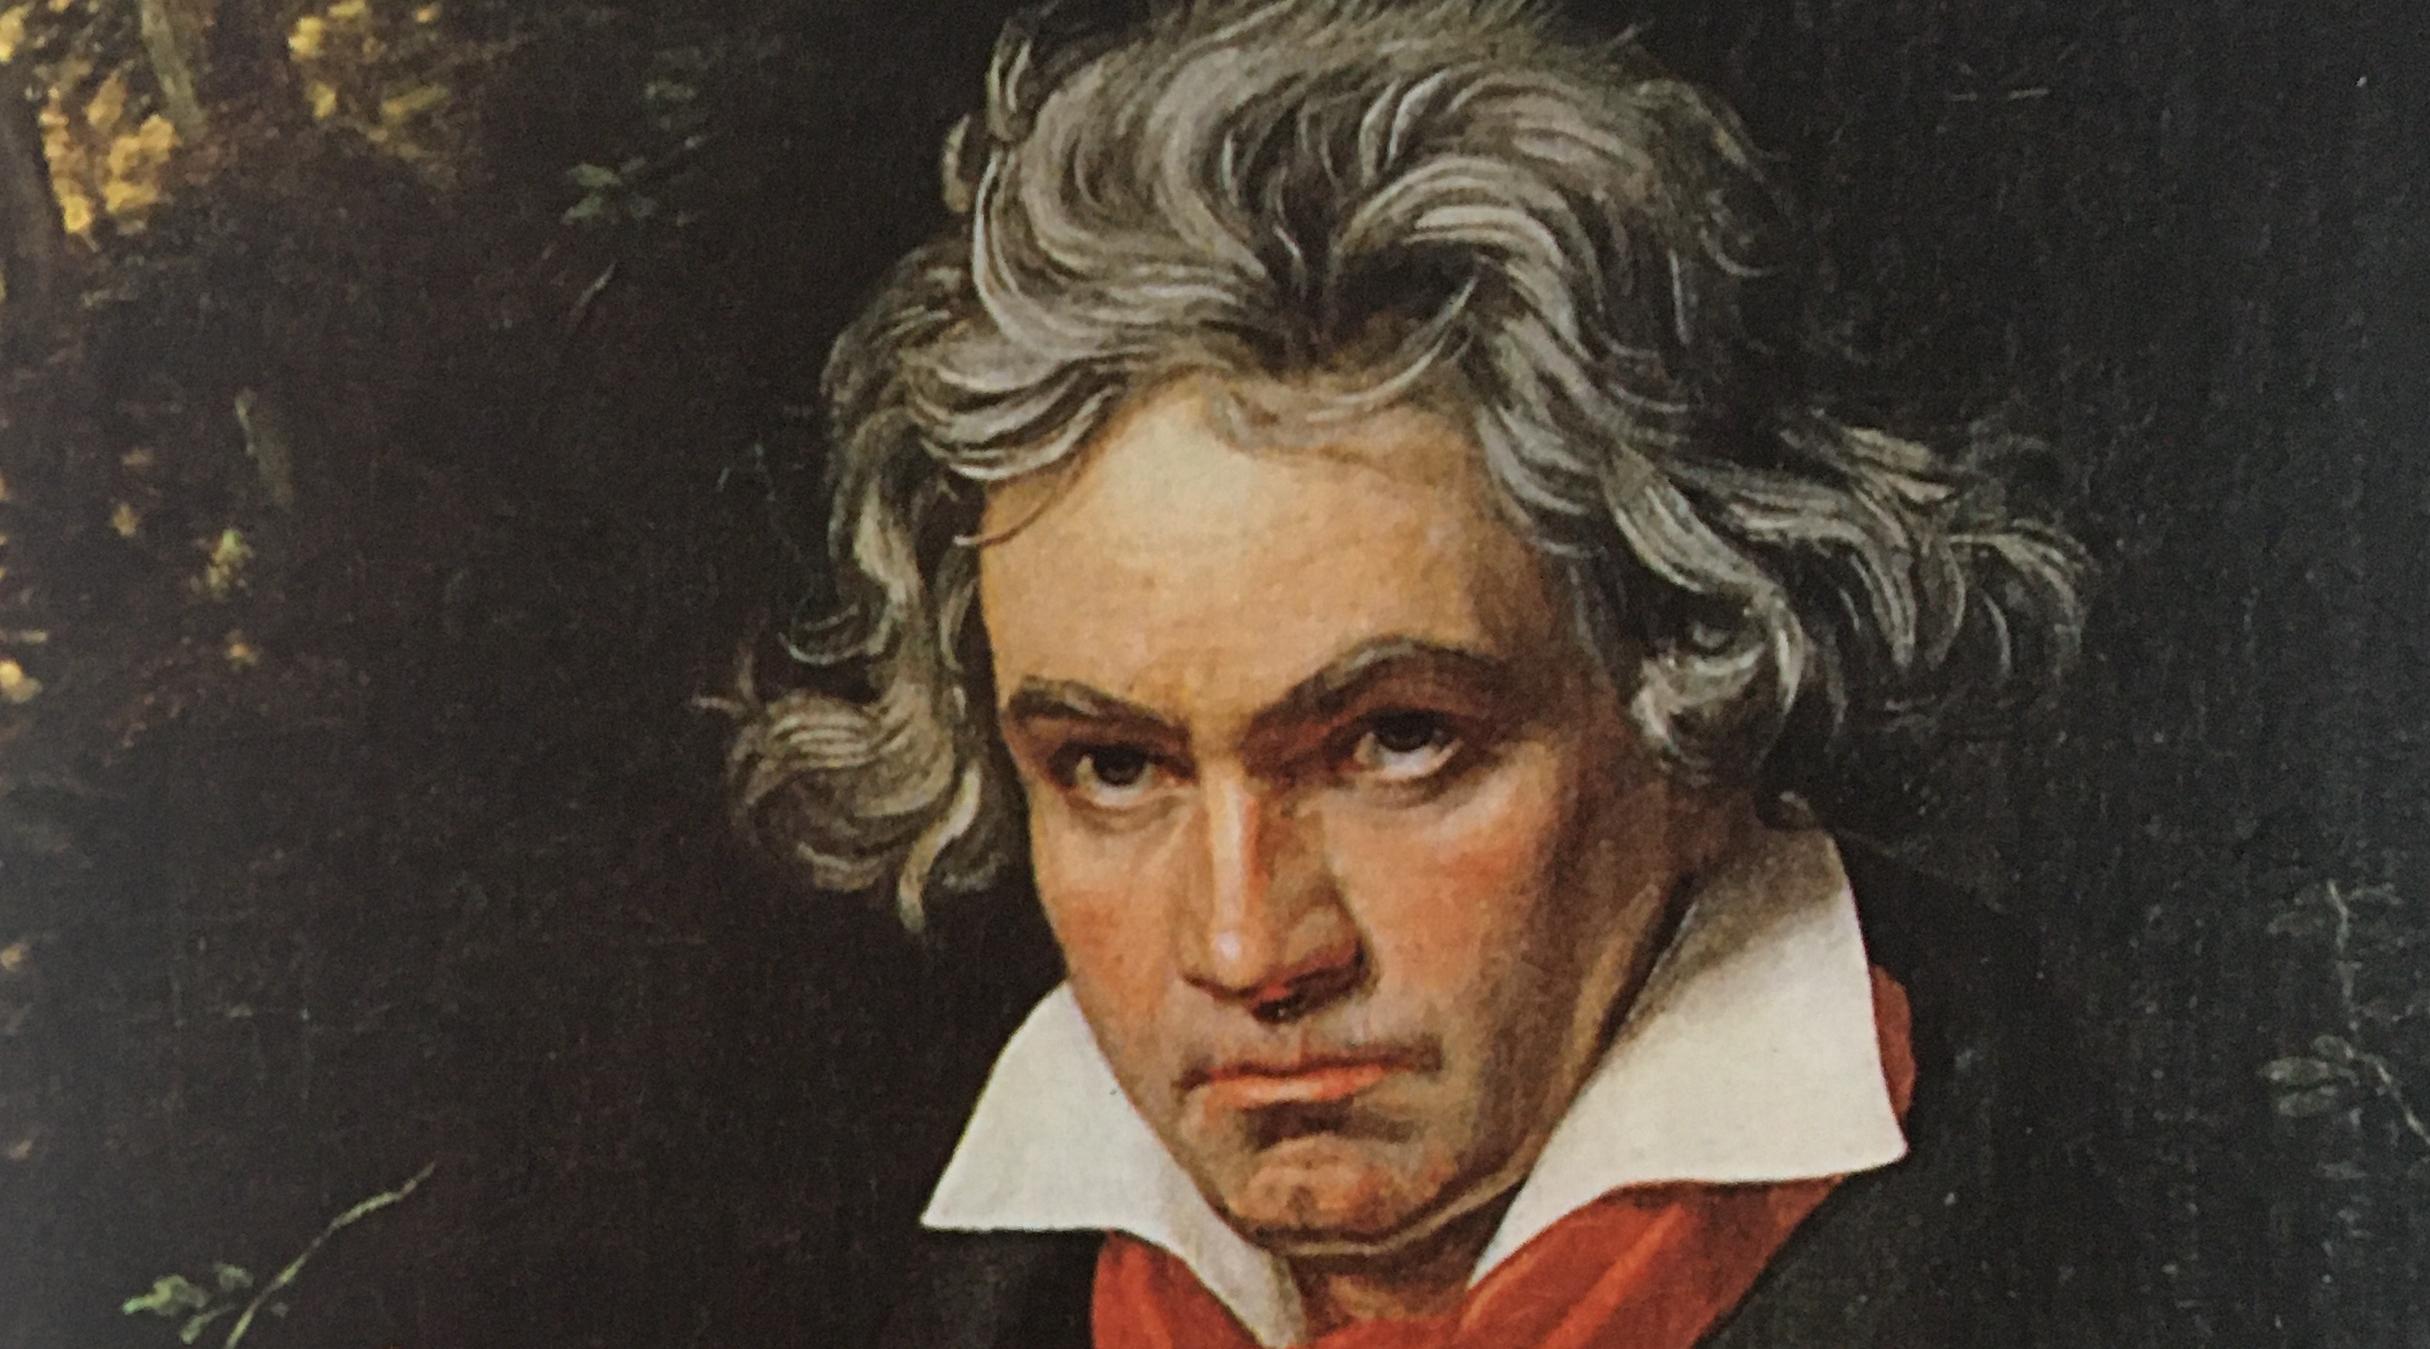 Beethoven querjpg